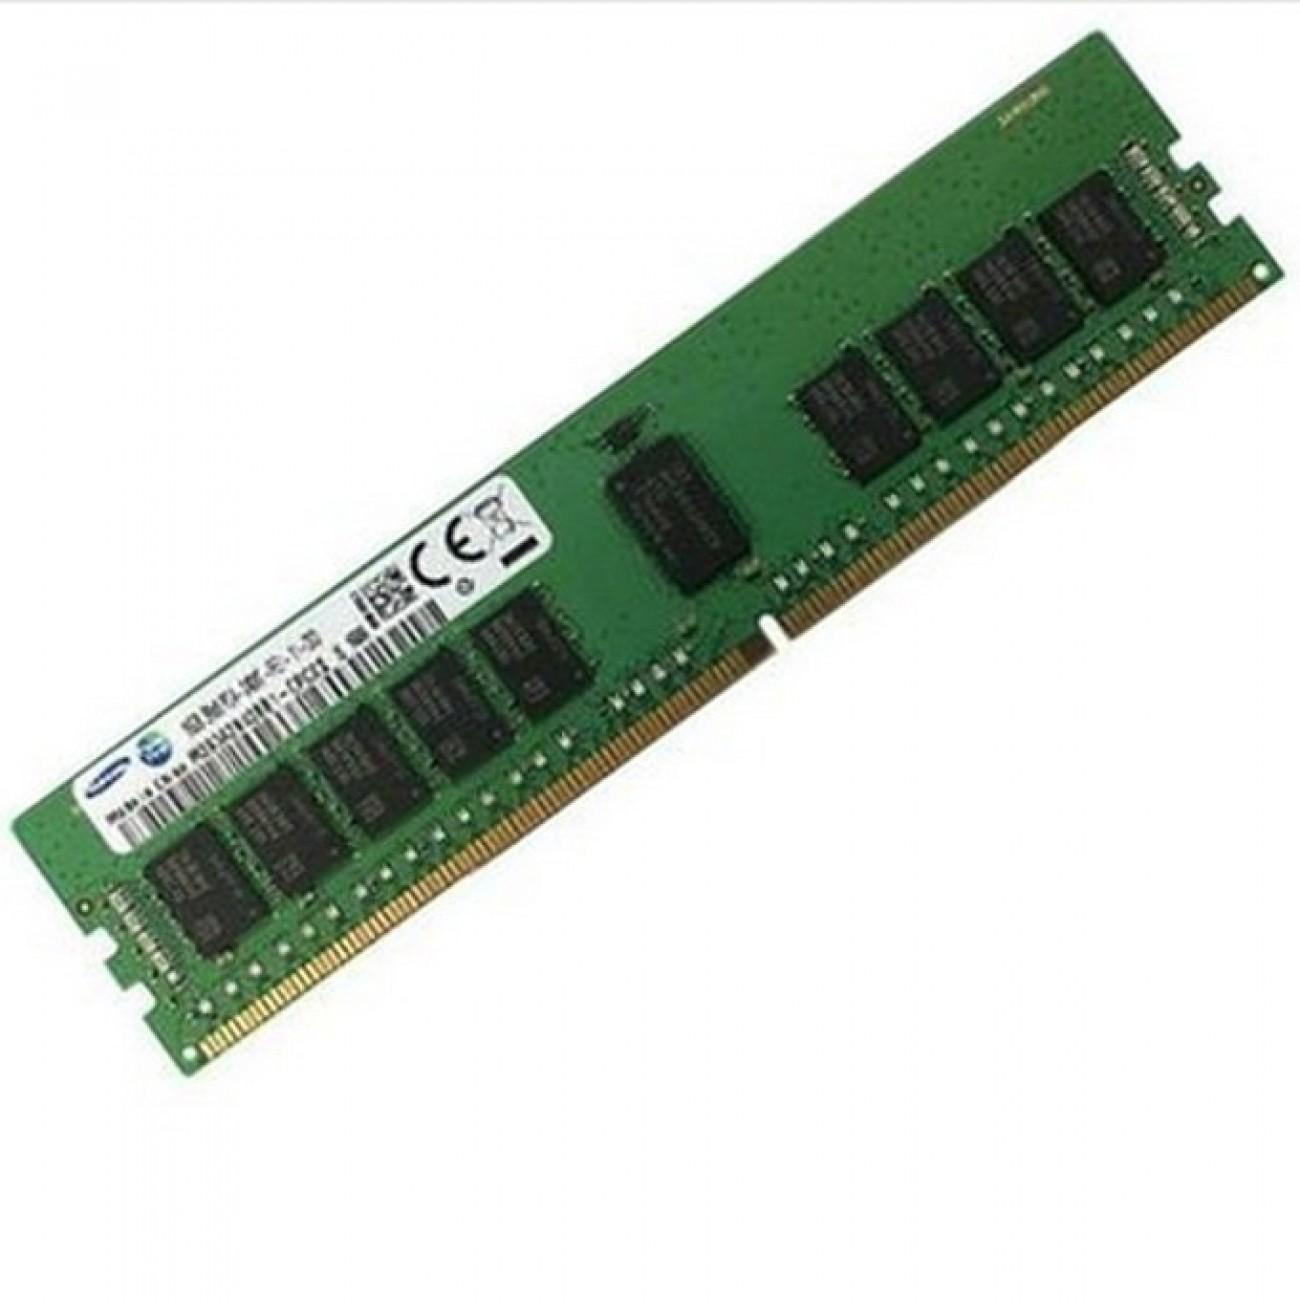 16GB DDR4 2400 MHz, Samsung M393A2K43BB1-CRC0Q, ECC Registered, 1.2V, памет за сървър в Сървъри Памети -  | Alleop